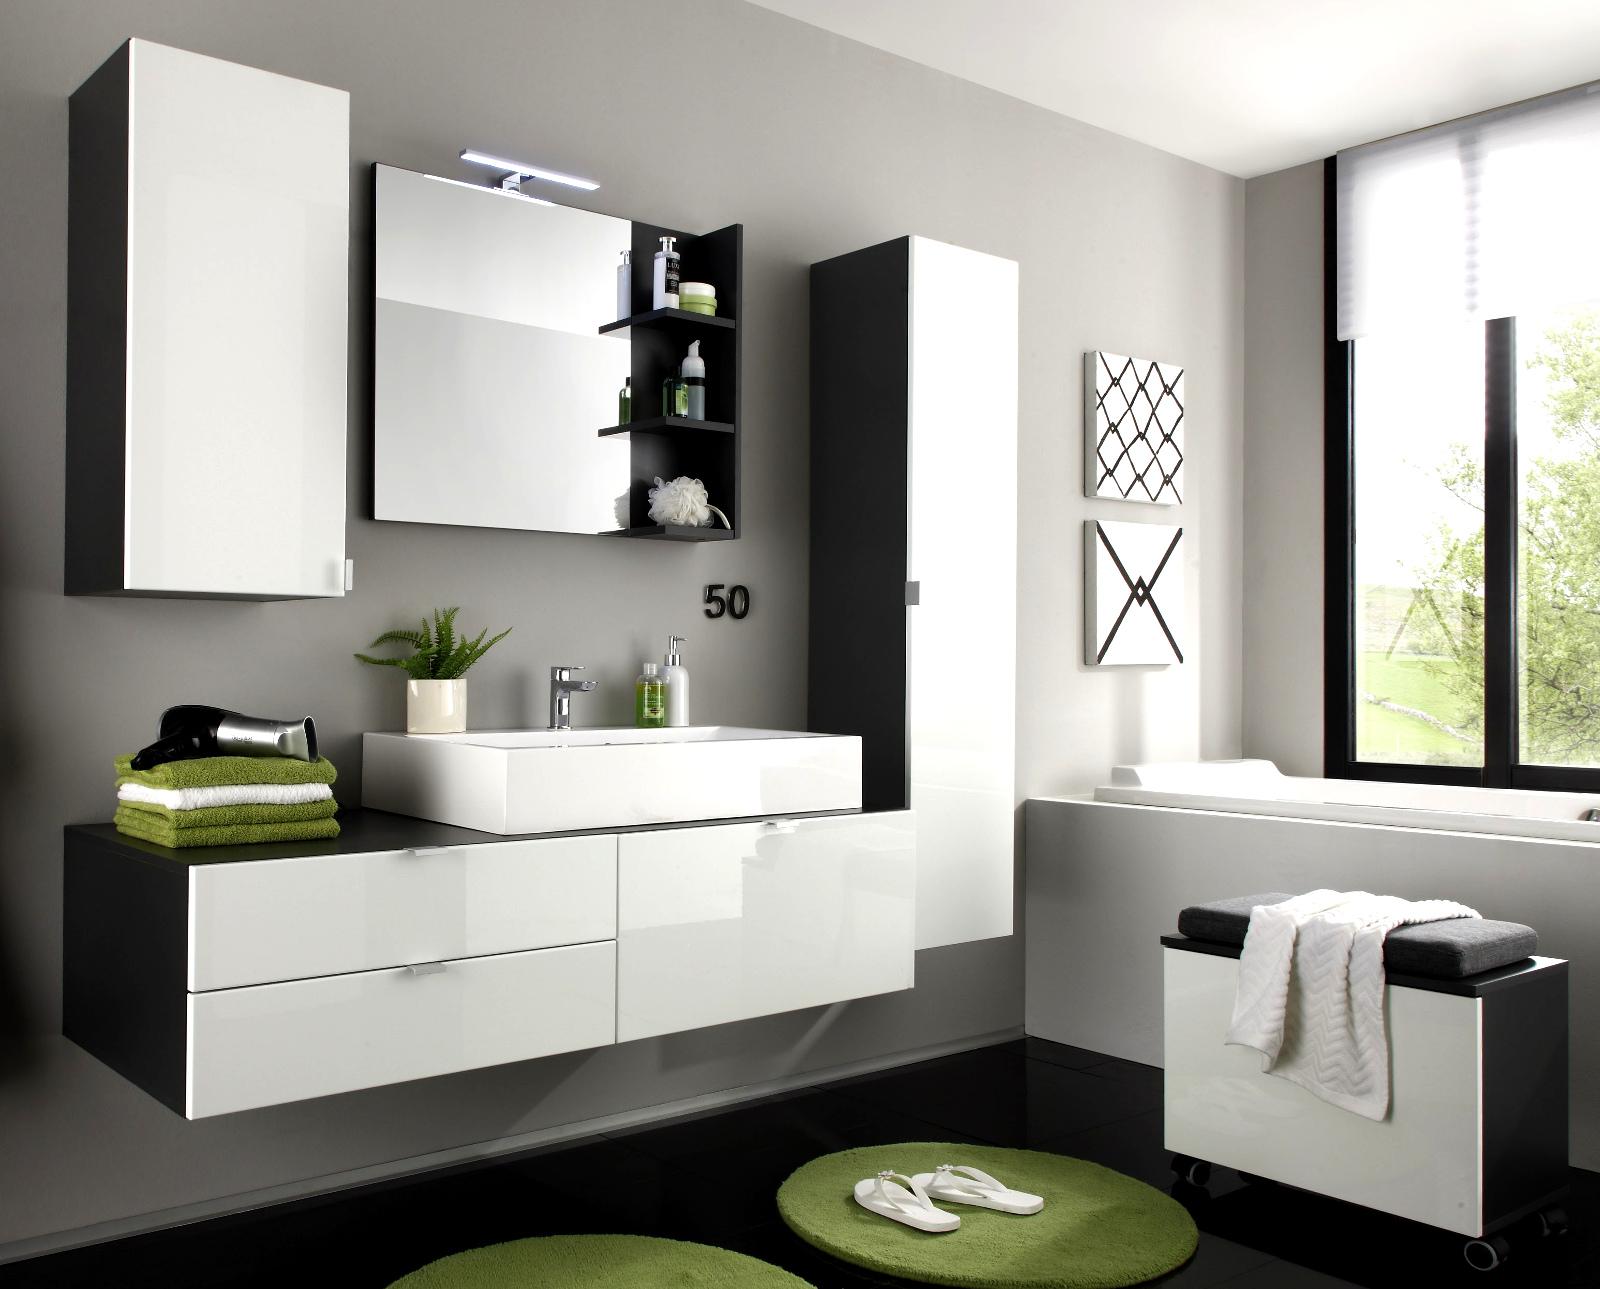 badm bel beach wei grau g nstig online kaufen. Black Bedroom Furniture Sets. Home Design Ideas